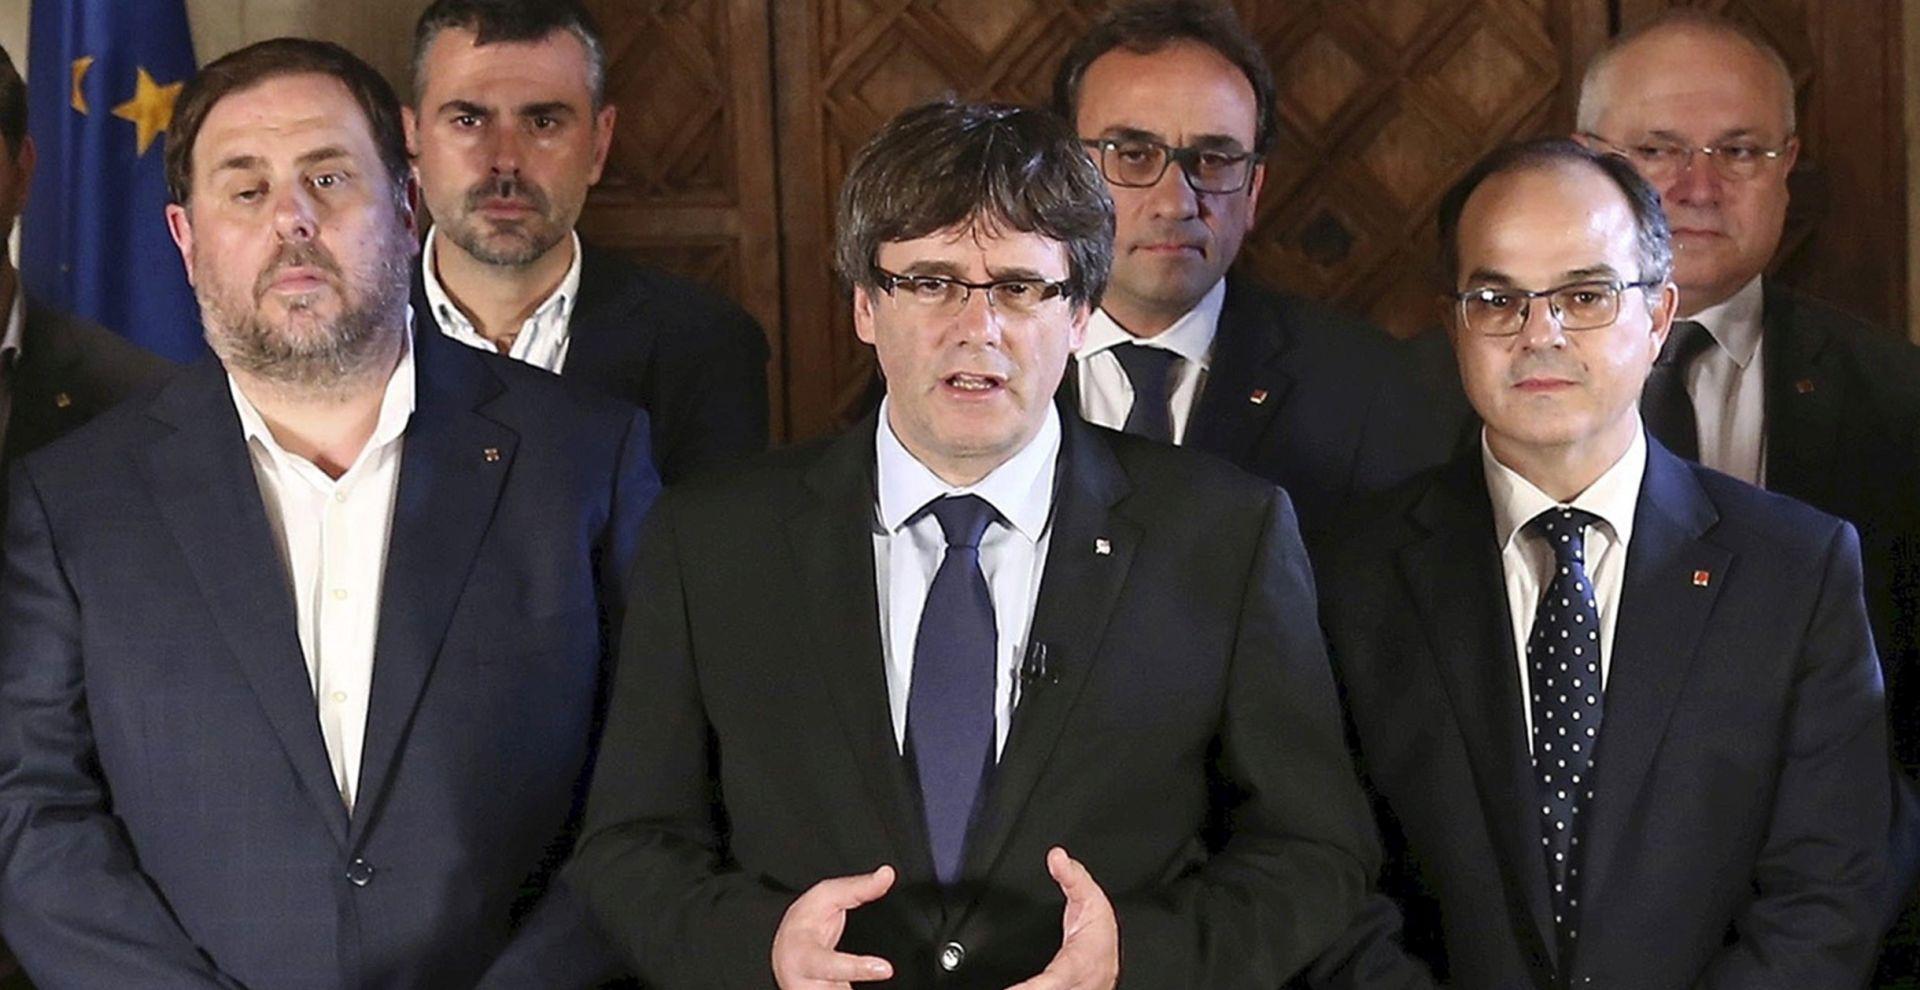 KATALONSKI PREDSJEDNIK 'Ostvareno pravo da Katalonija bude nezavisna država'